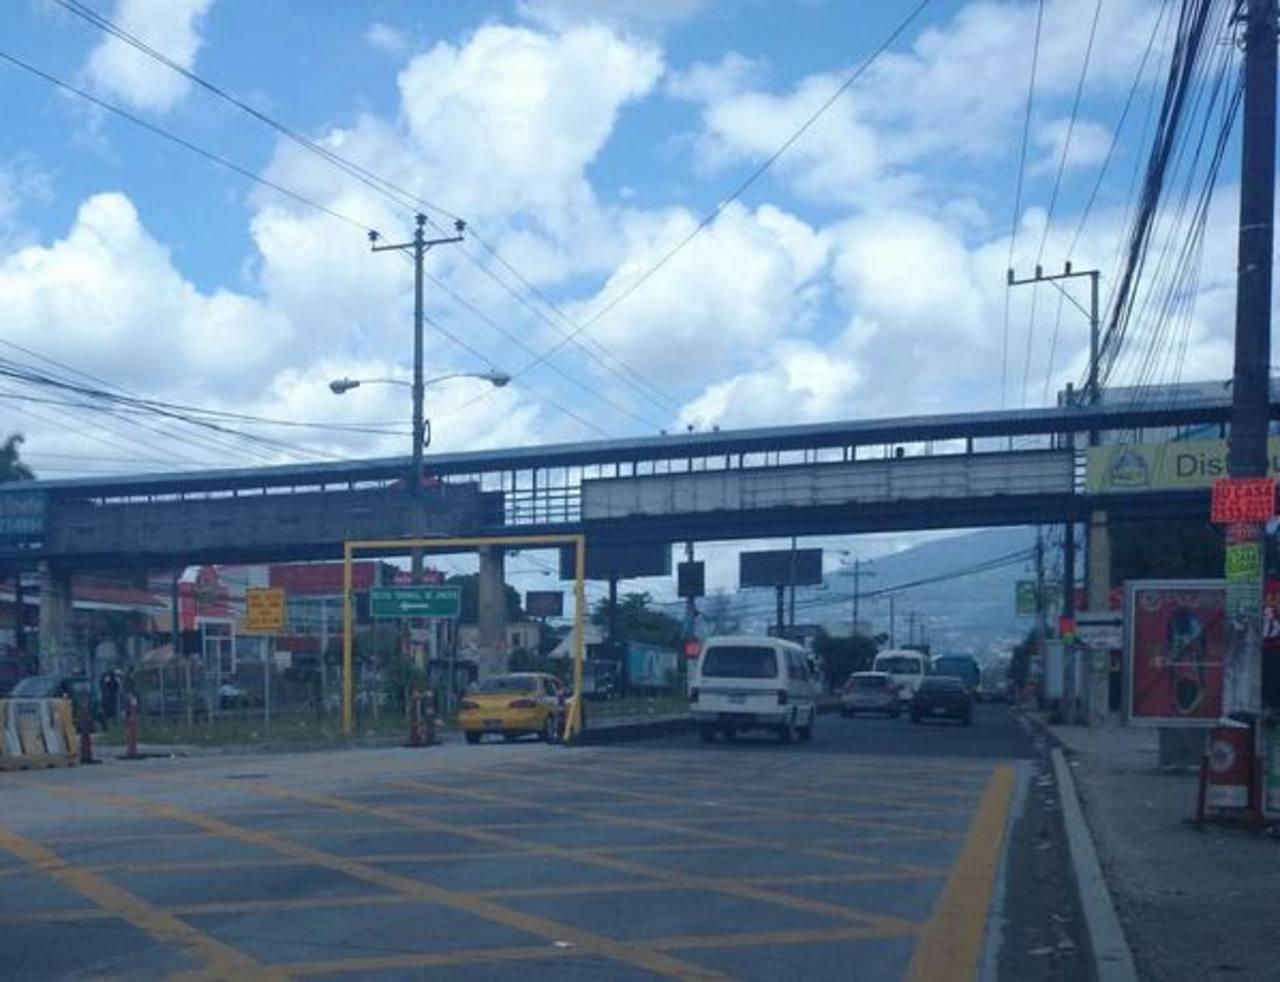 Carril segregado que conduce desde Plaza Mundo hasta el Reloj de Flores sobre el bulevar del Ejército.